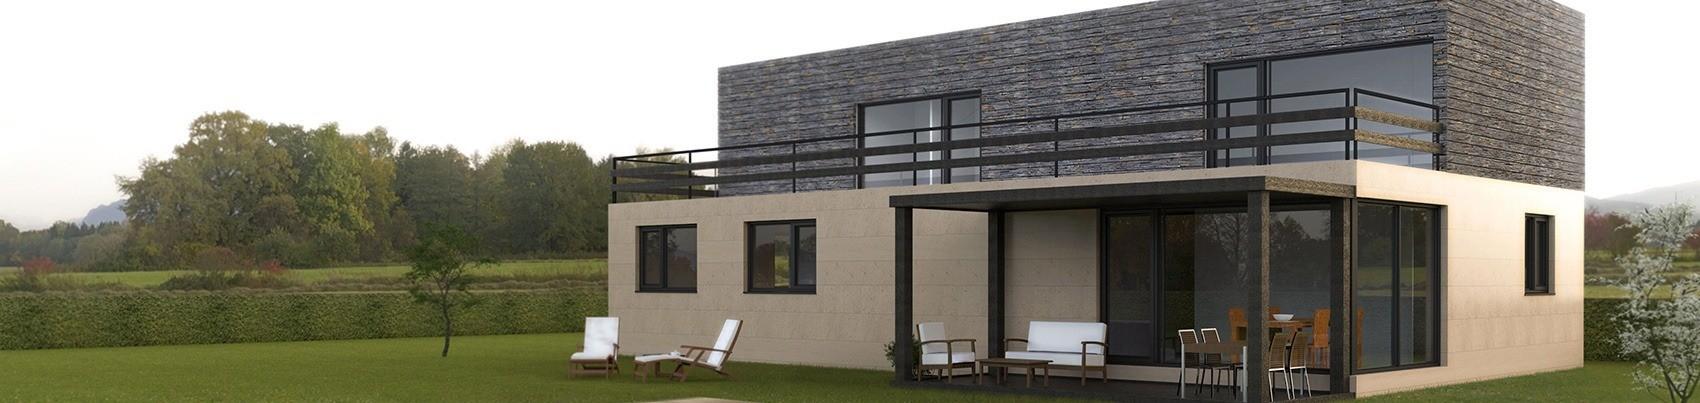 Casas prefabricadas y modulares cube - Casa prefabricada asturias ...